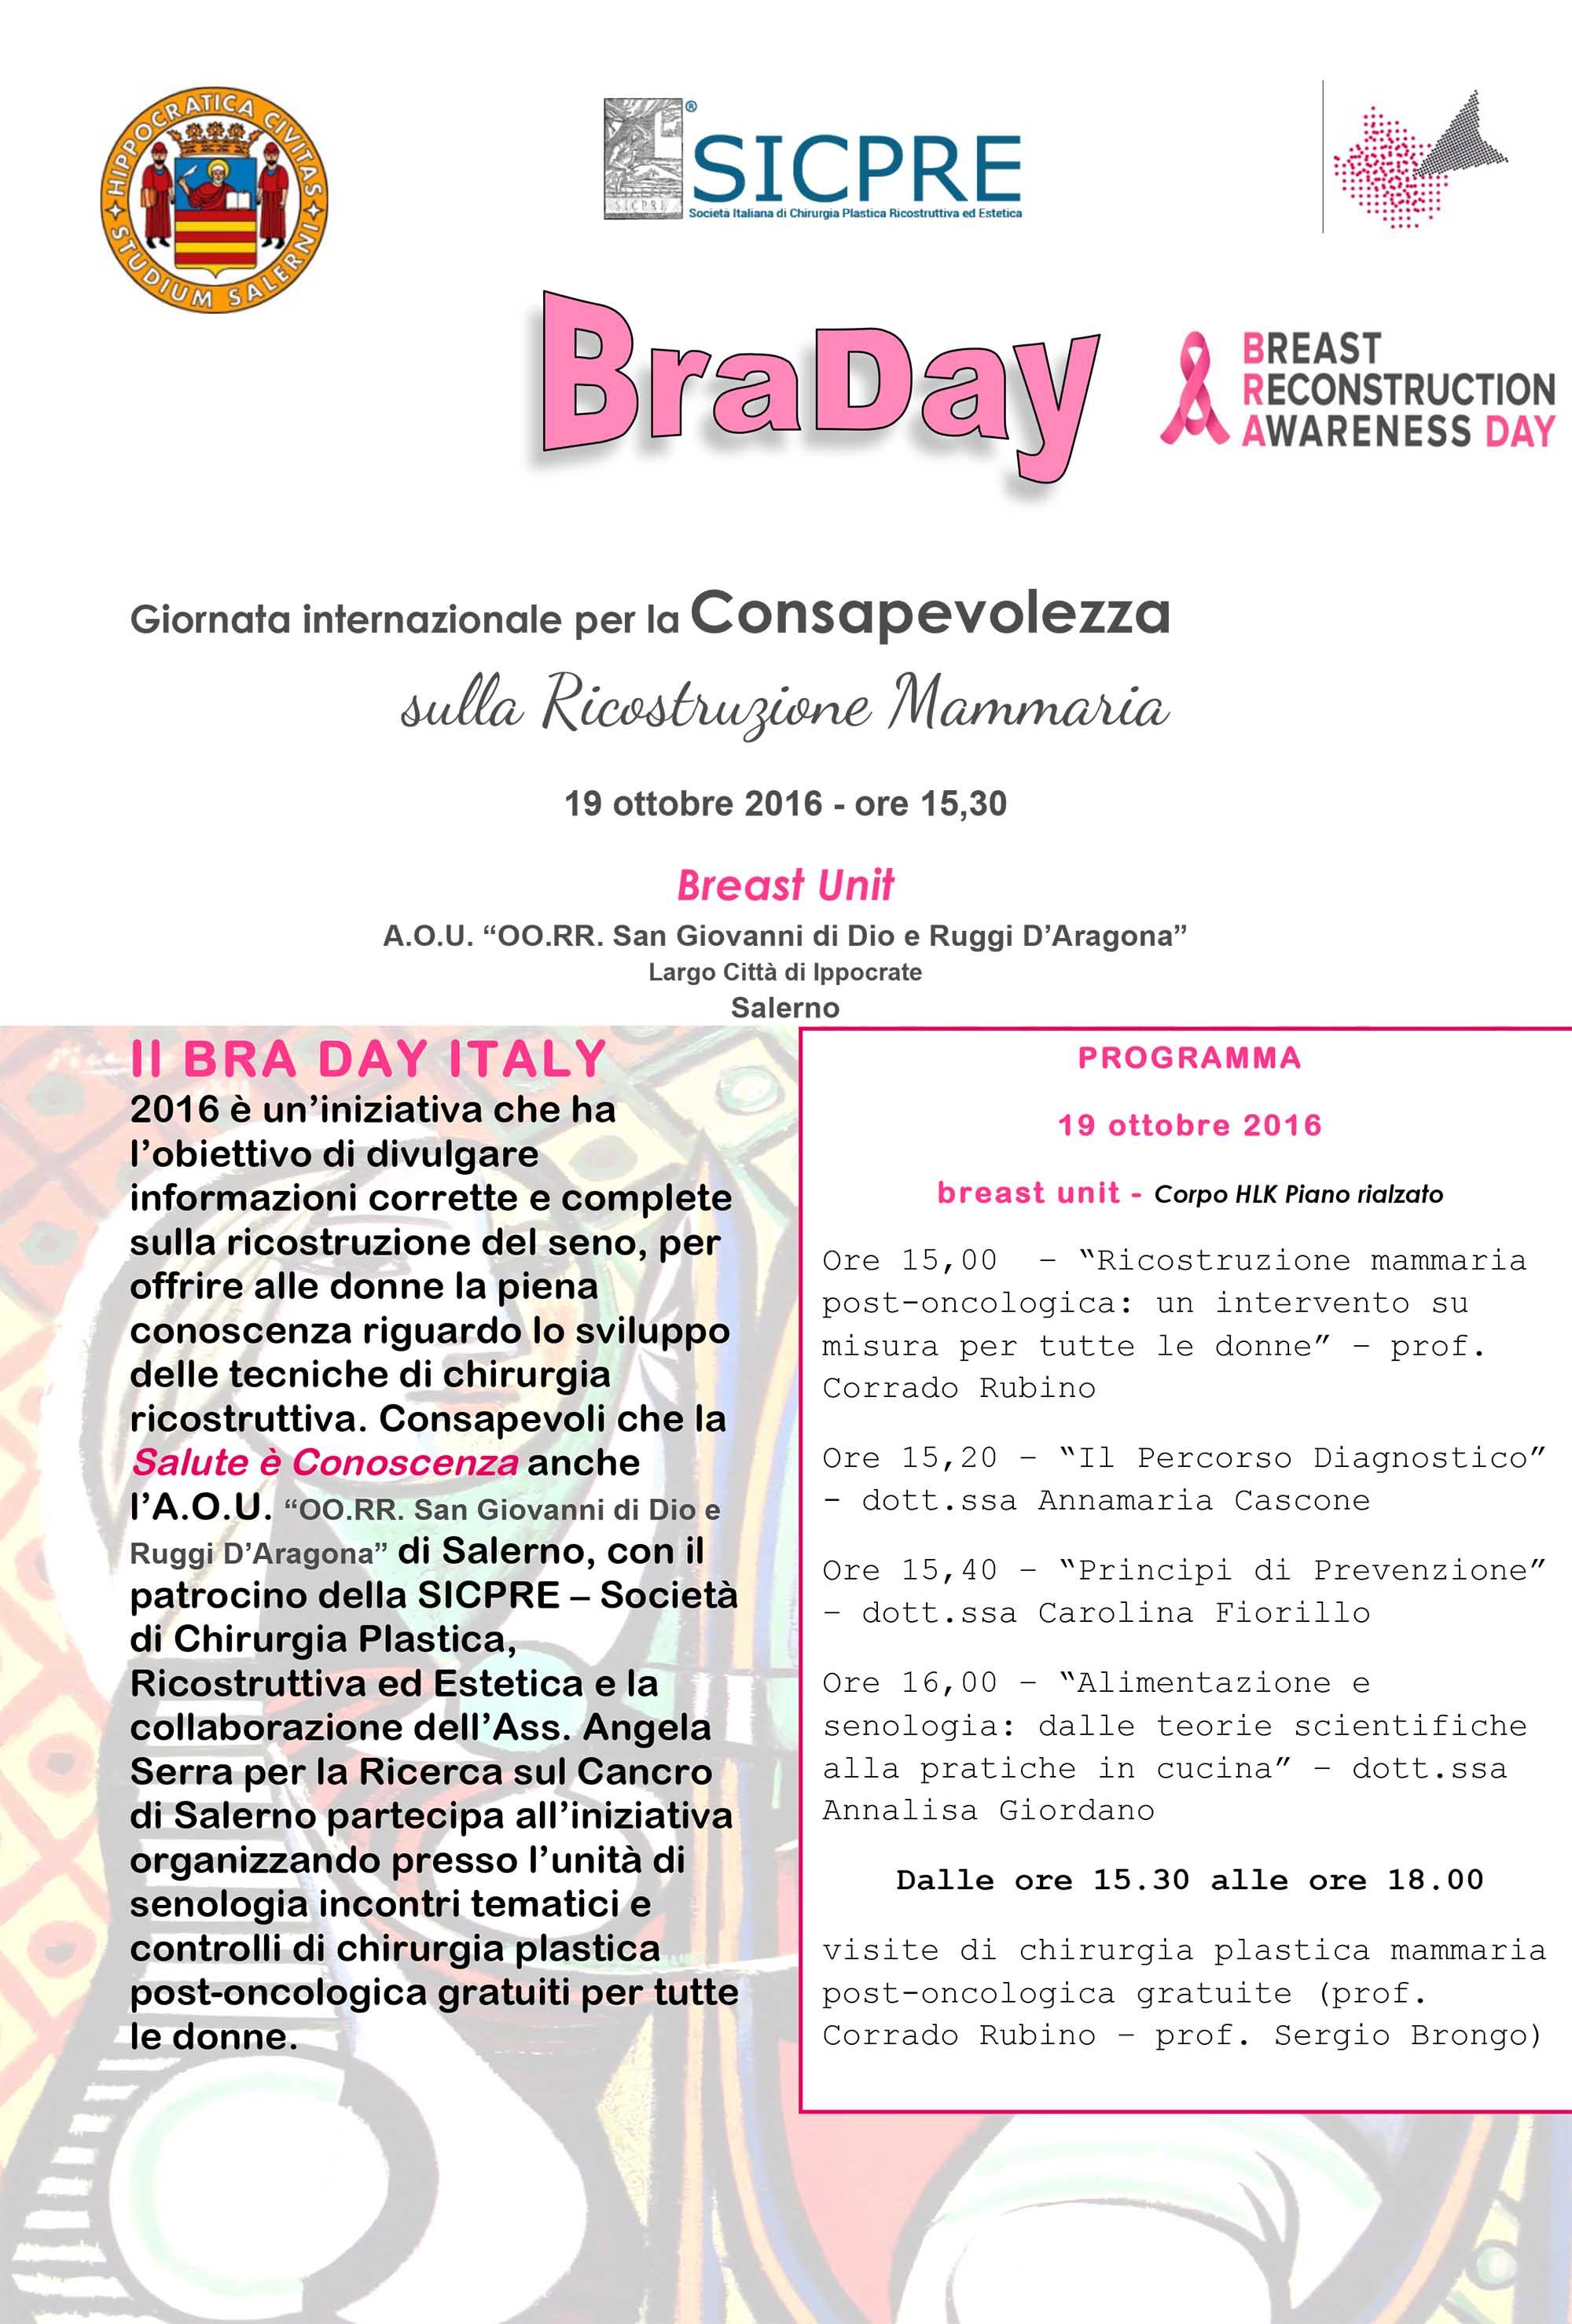 Microsoft Word - Giornata internazionale per la Consapevolezza.d